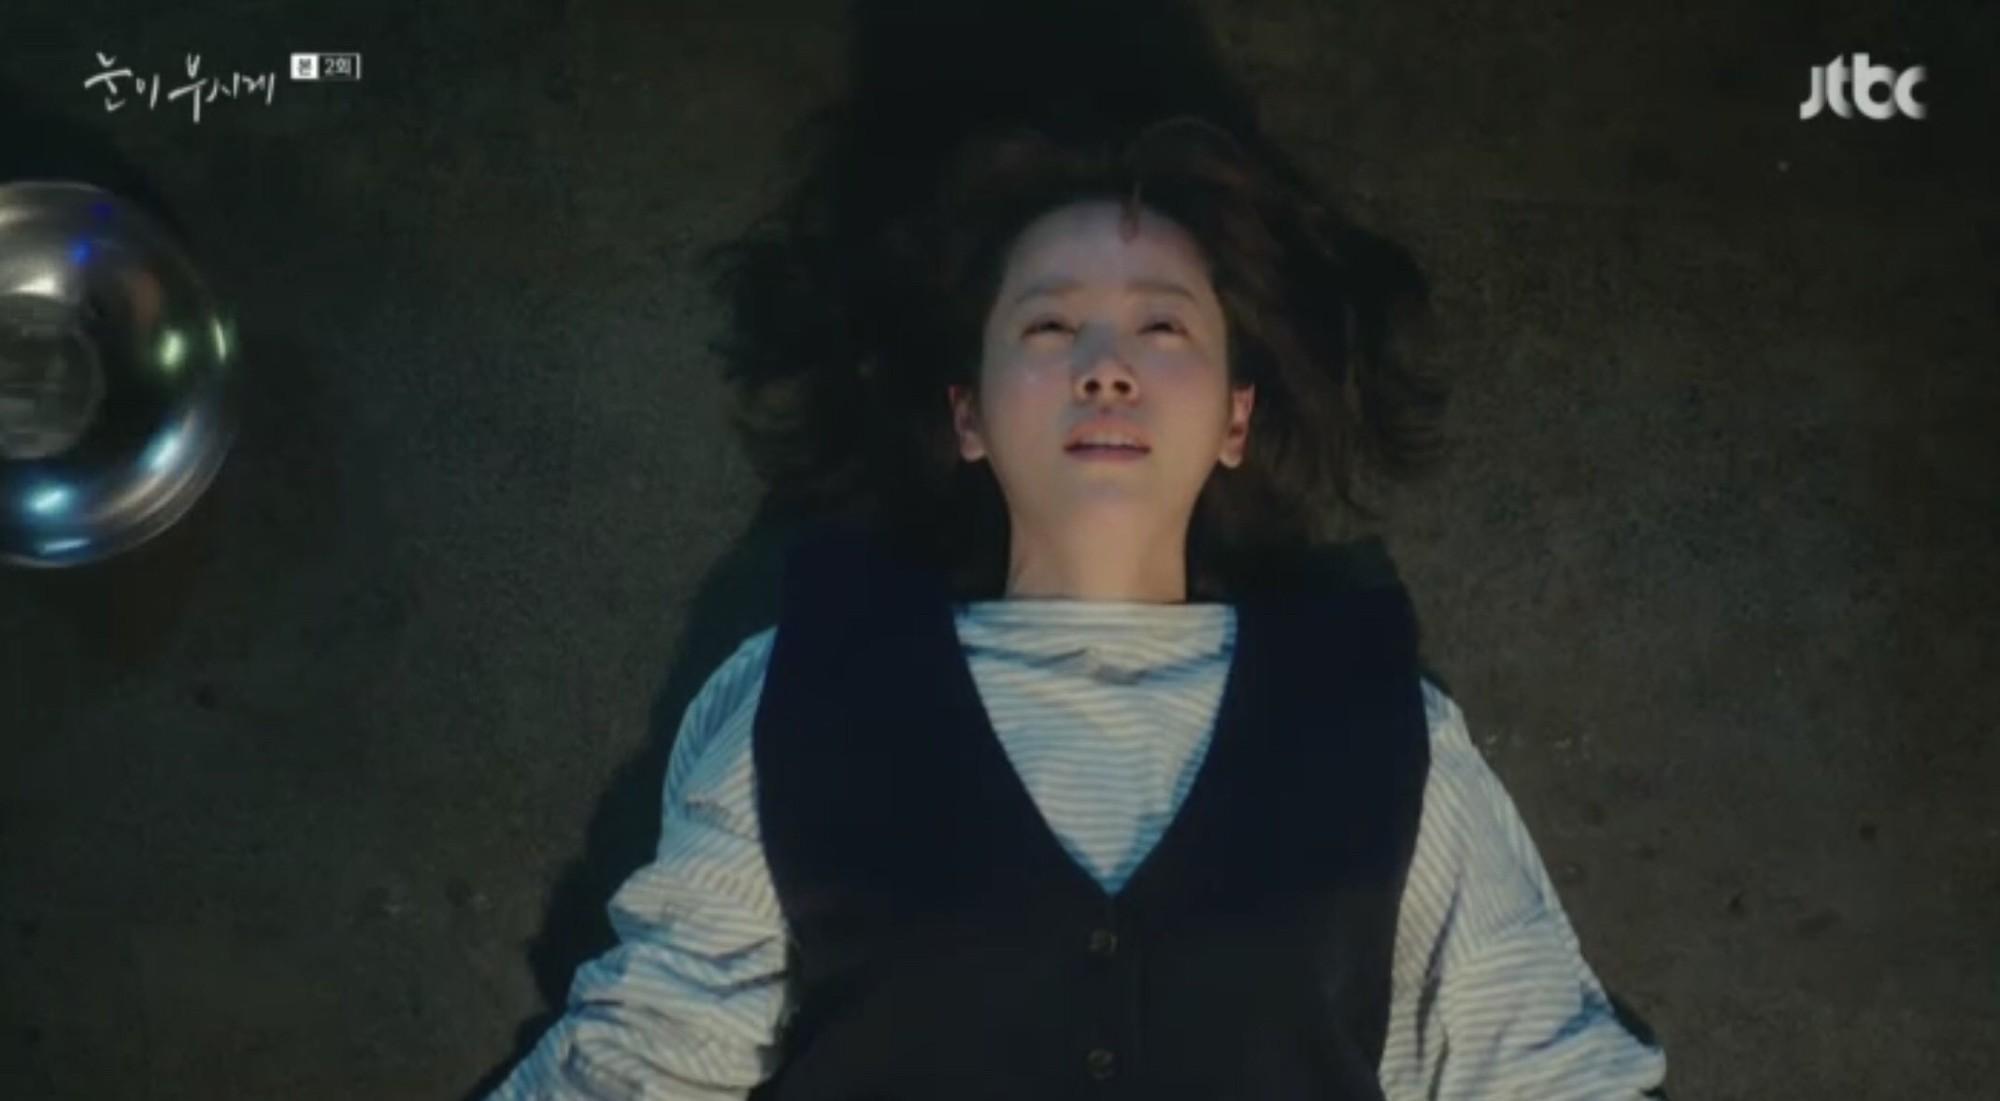 Lầy mà dễ thương như Han Ji Min trong Dazzling thì có đáng yêu không? - Ảnh 1.